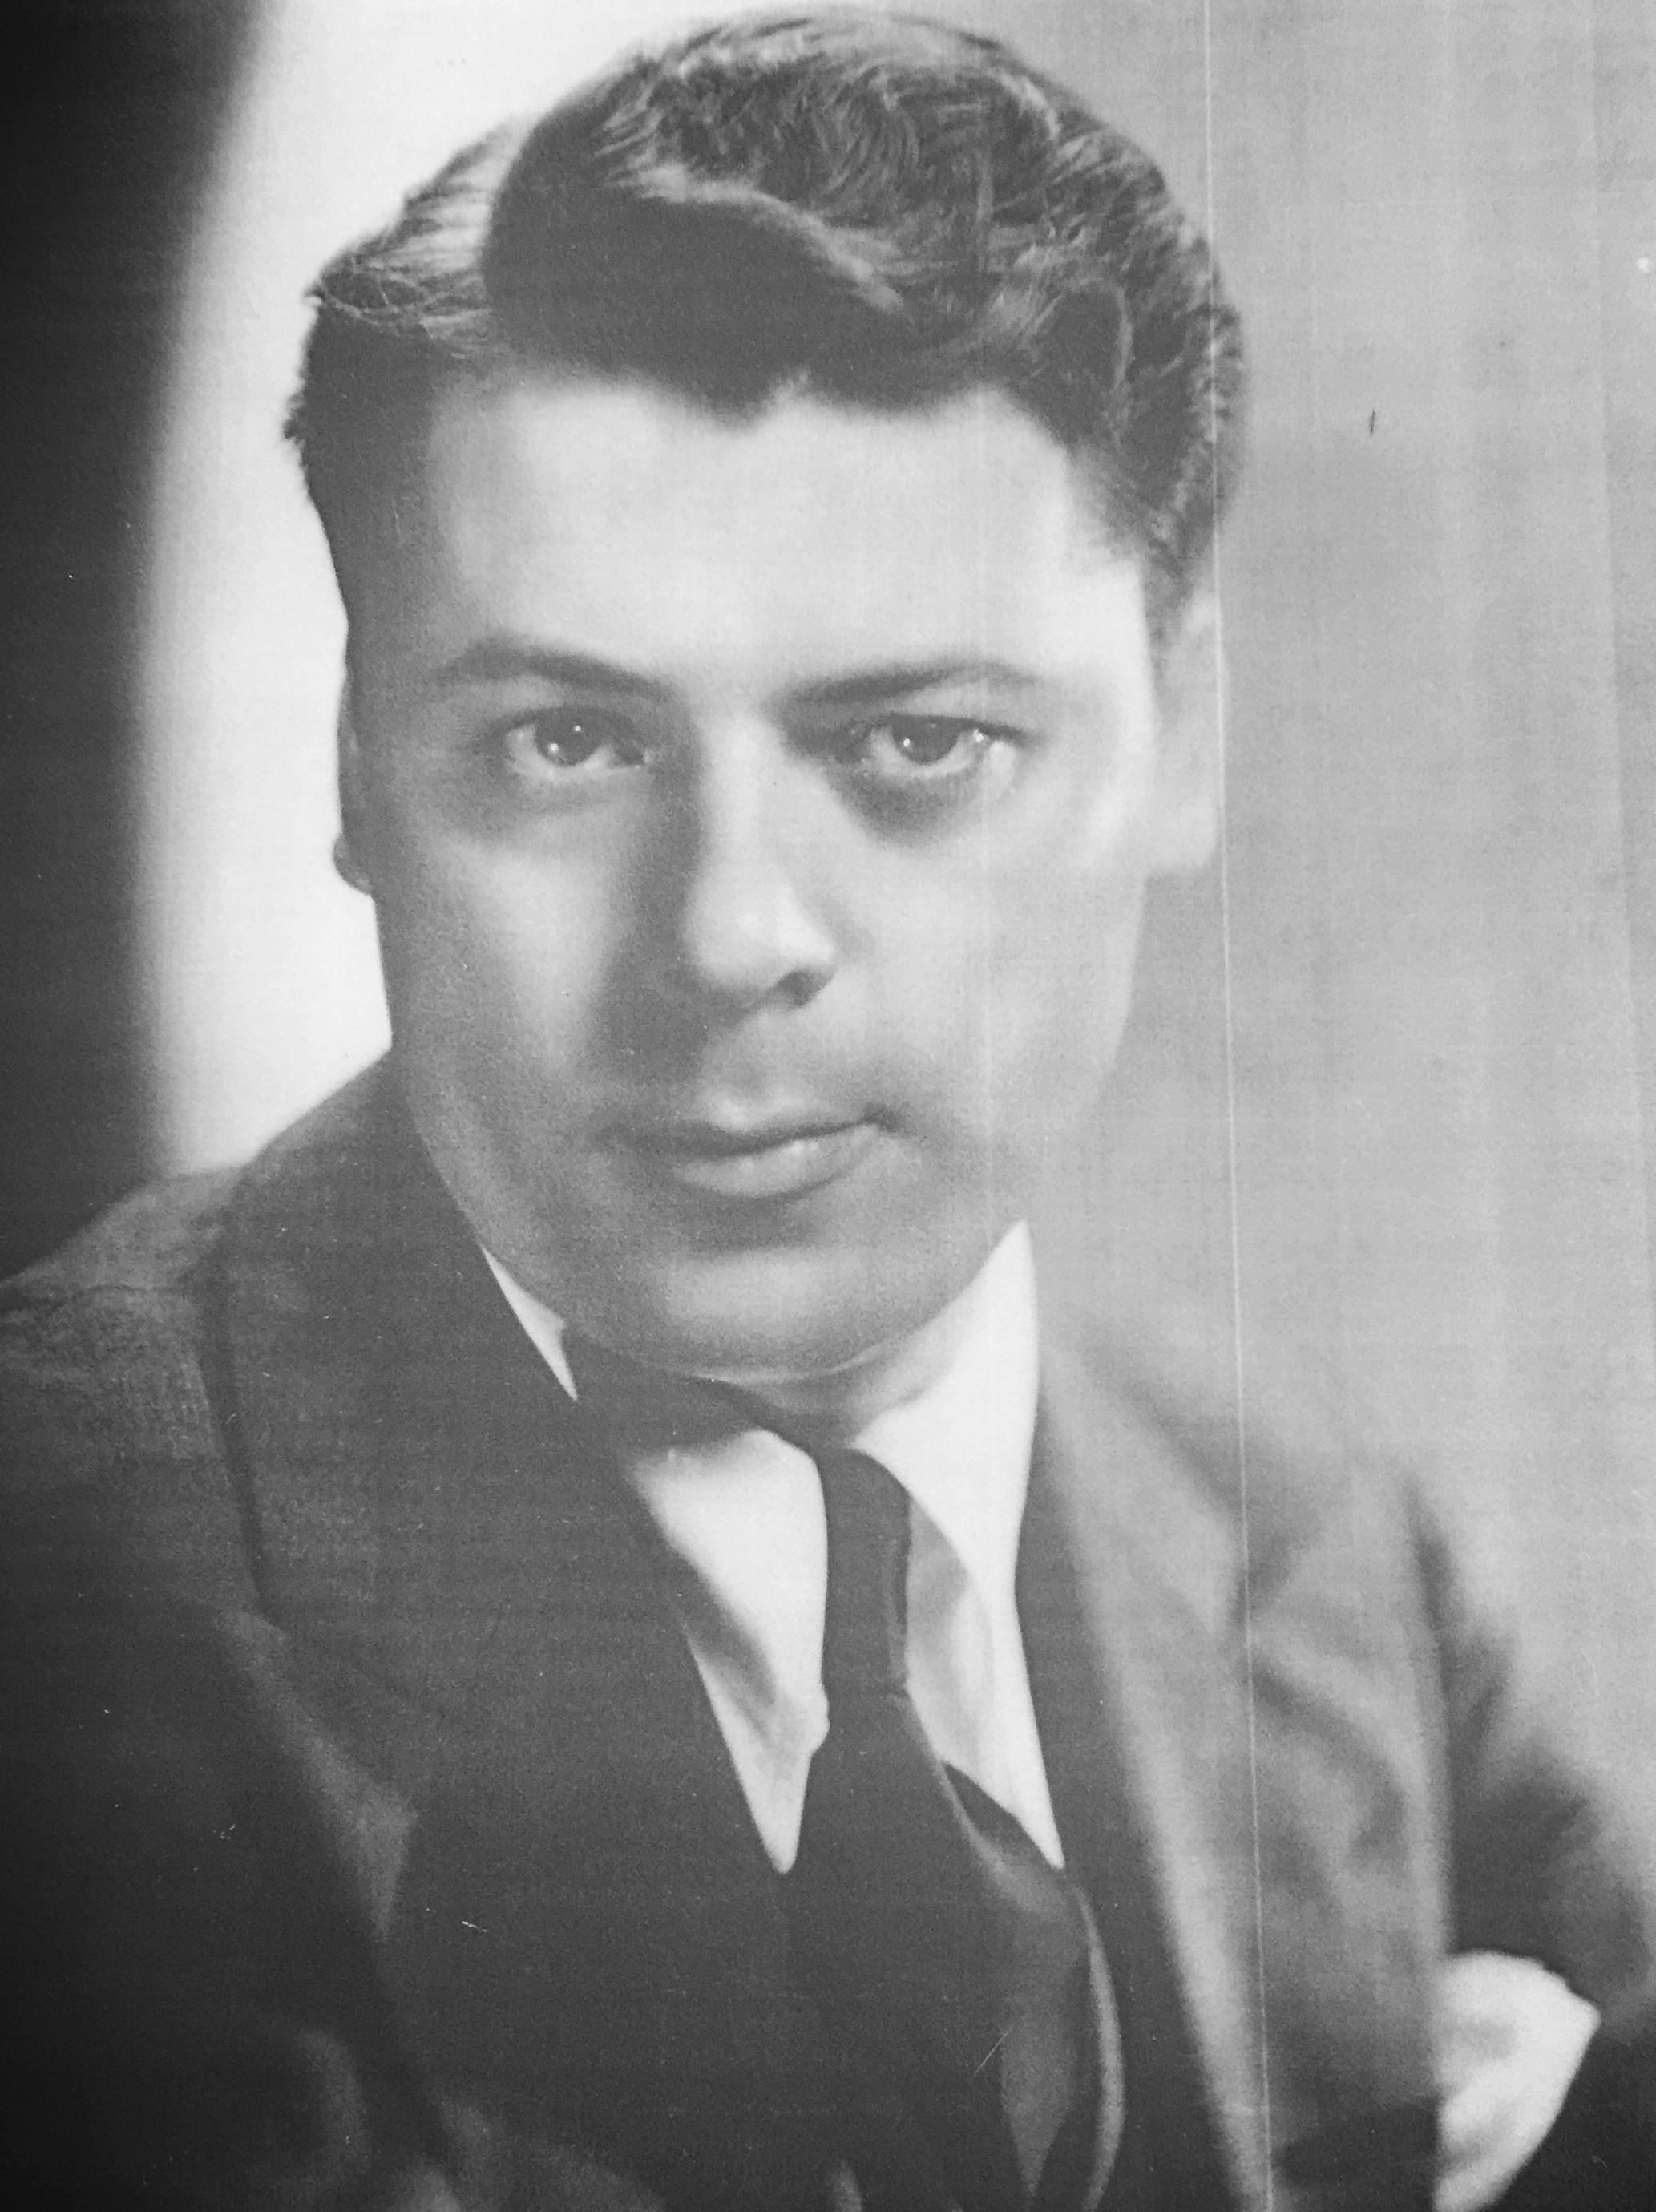 Ern Westmore (1904-1967)